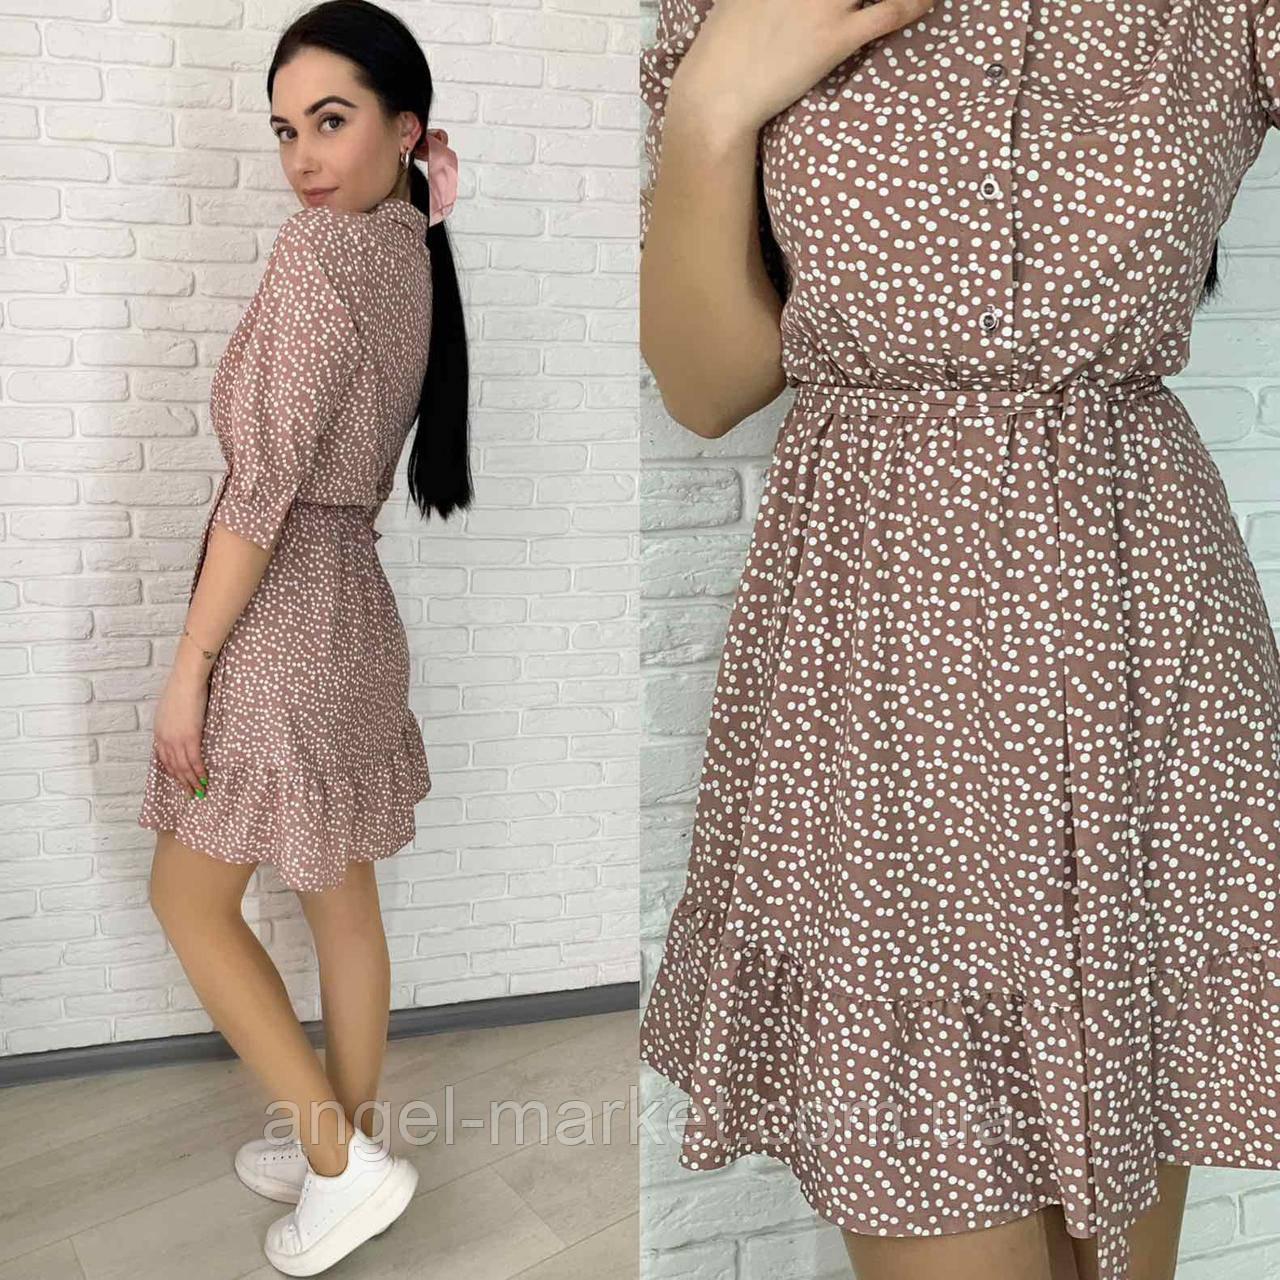 Женское платье весеннее  в горох  новинка 2021